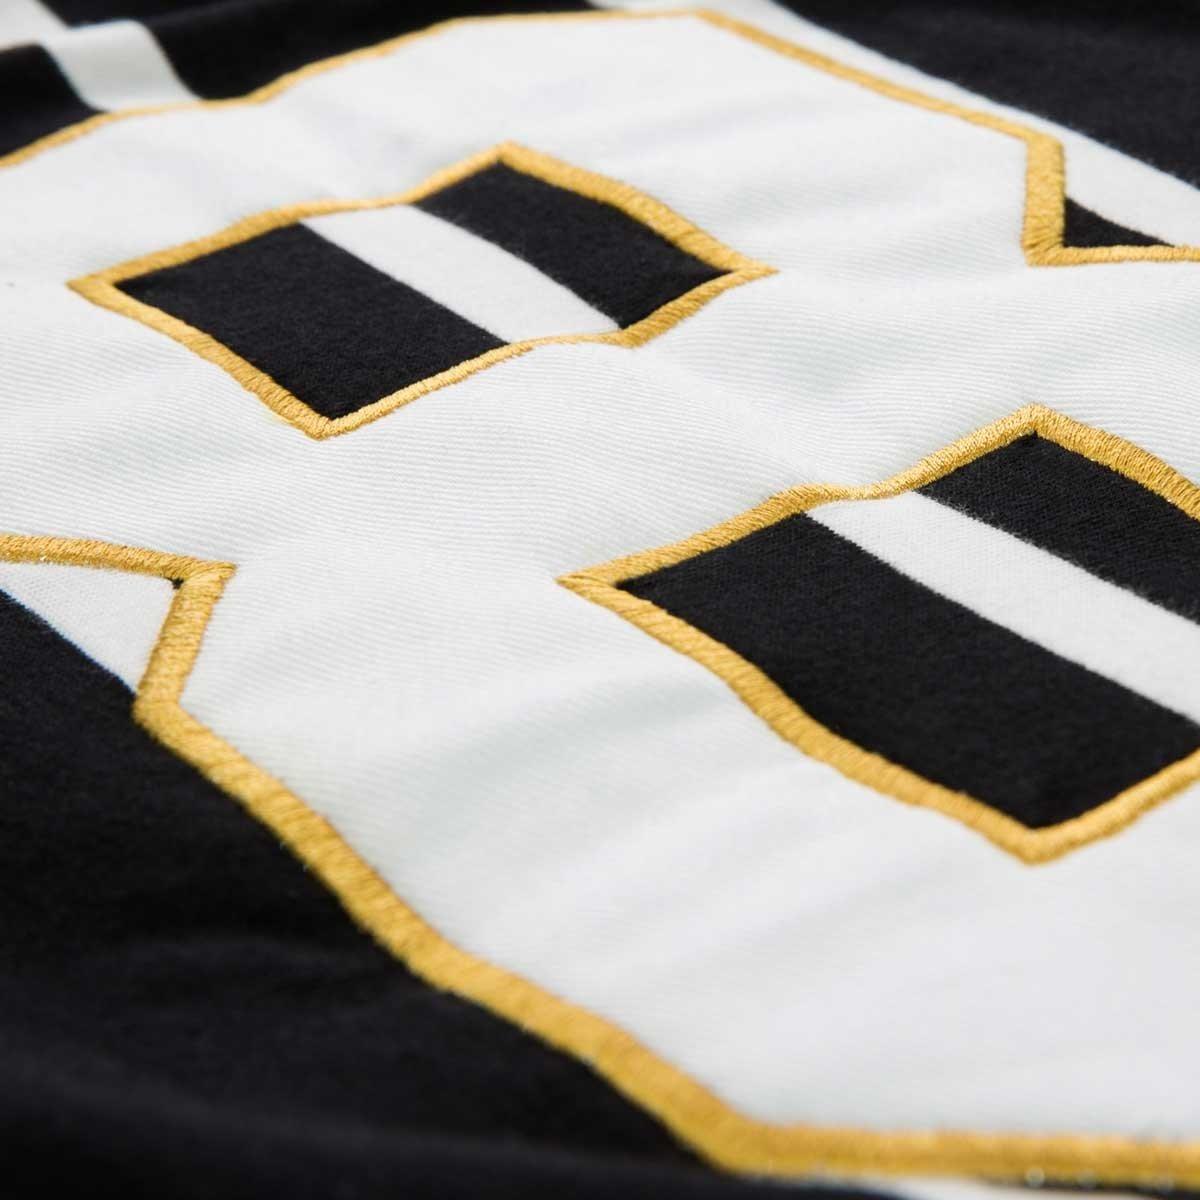 Camisa Corinthians Retrô Gol Basílio Torcedor Masculina - Preto e ... 8d84b8ee7672d